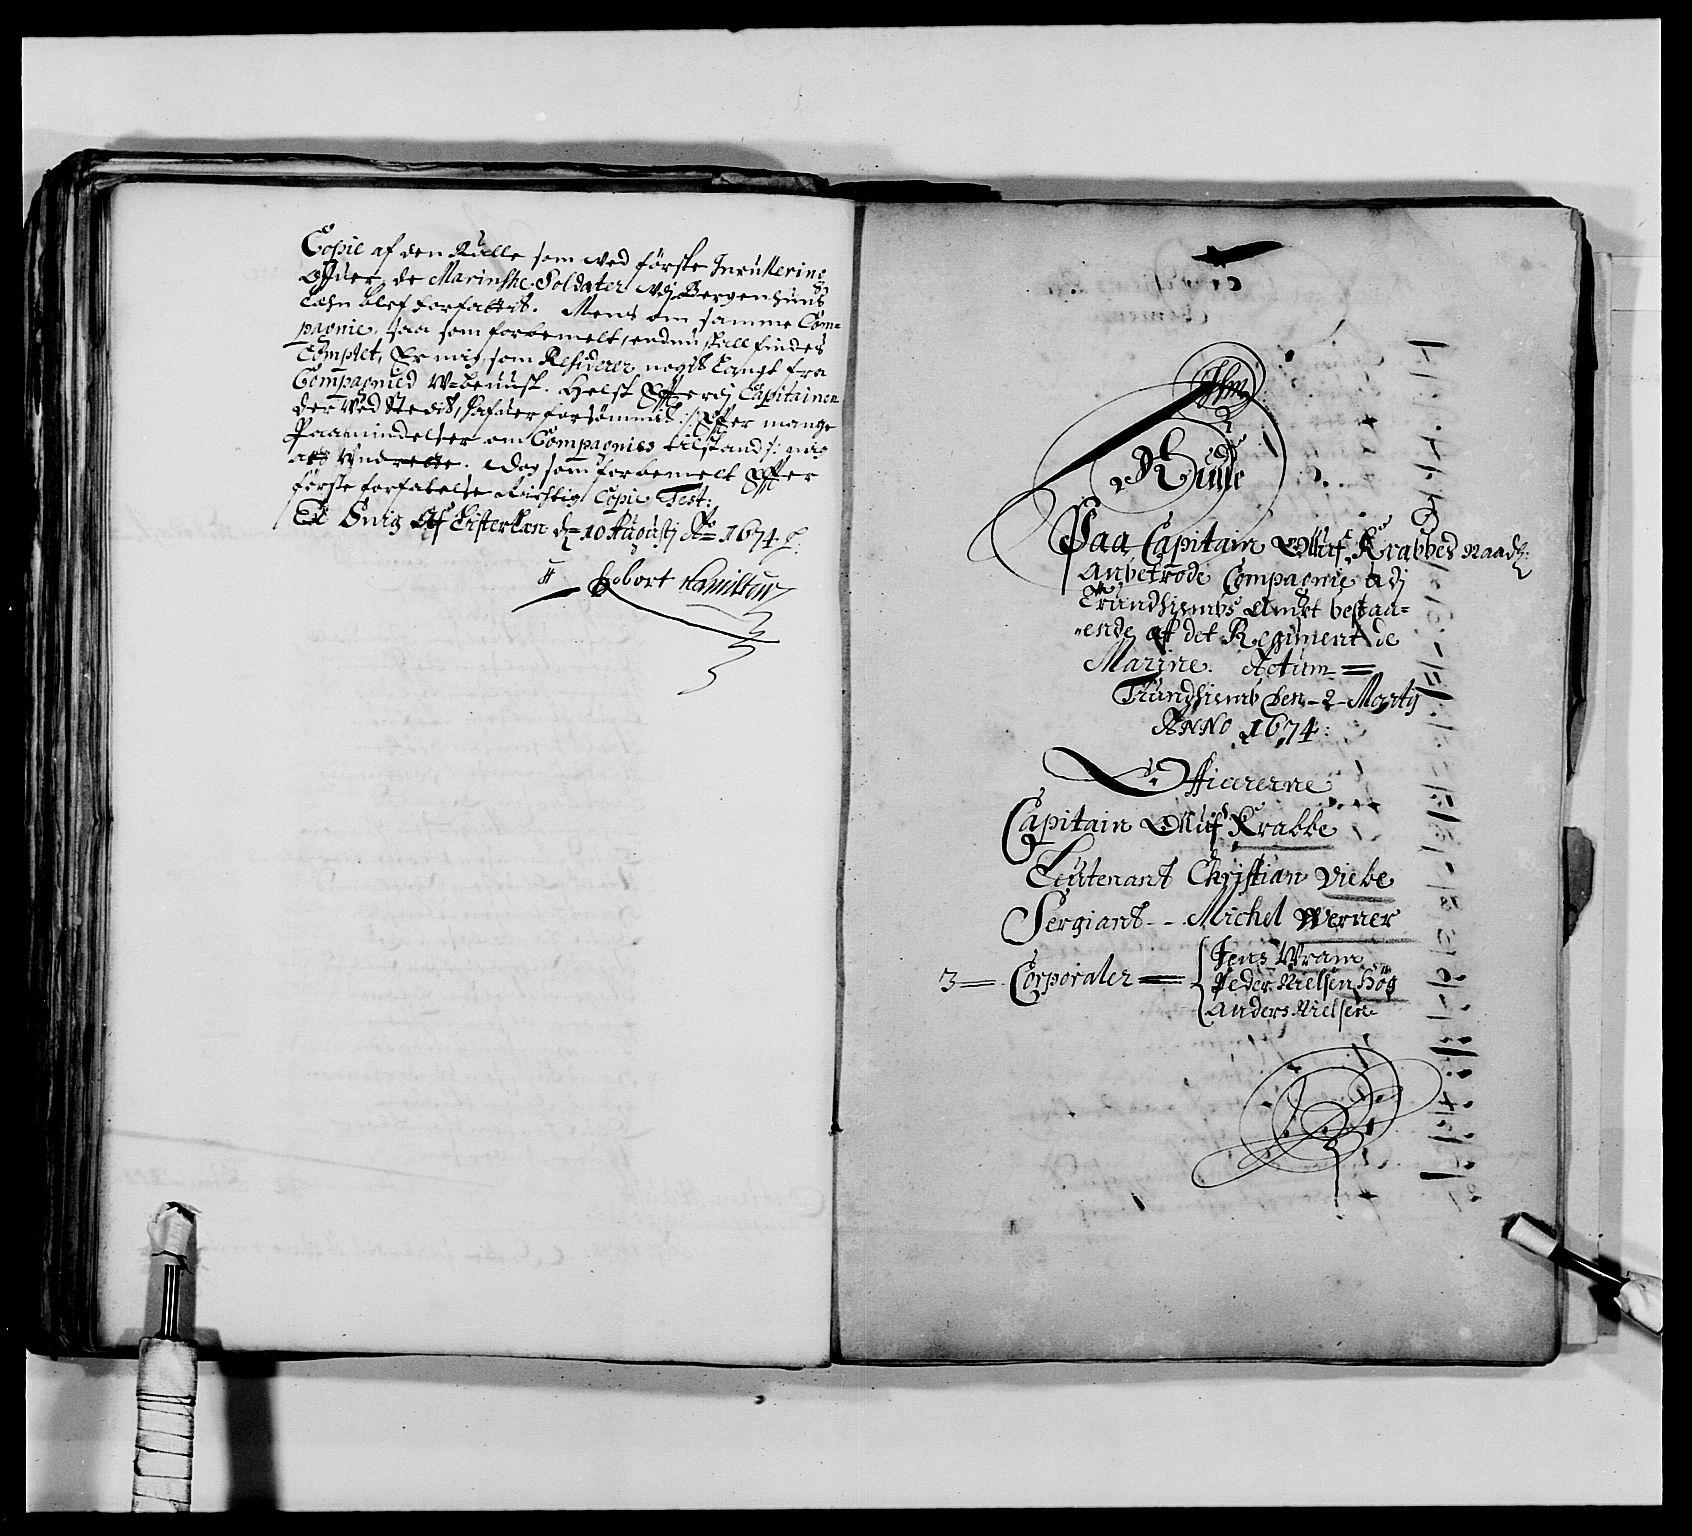 RA, Kommanderende general (KG I) med Det norske krigsdirektorium, E/Ea/L0473: Marineregimentet, 1664-1700, s. 92